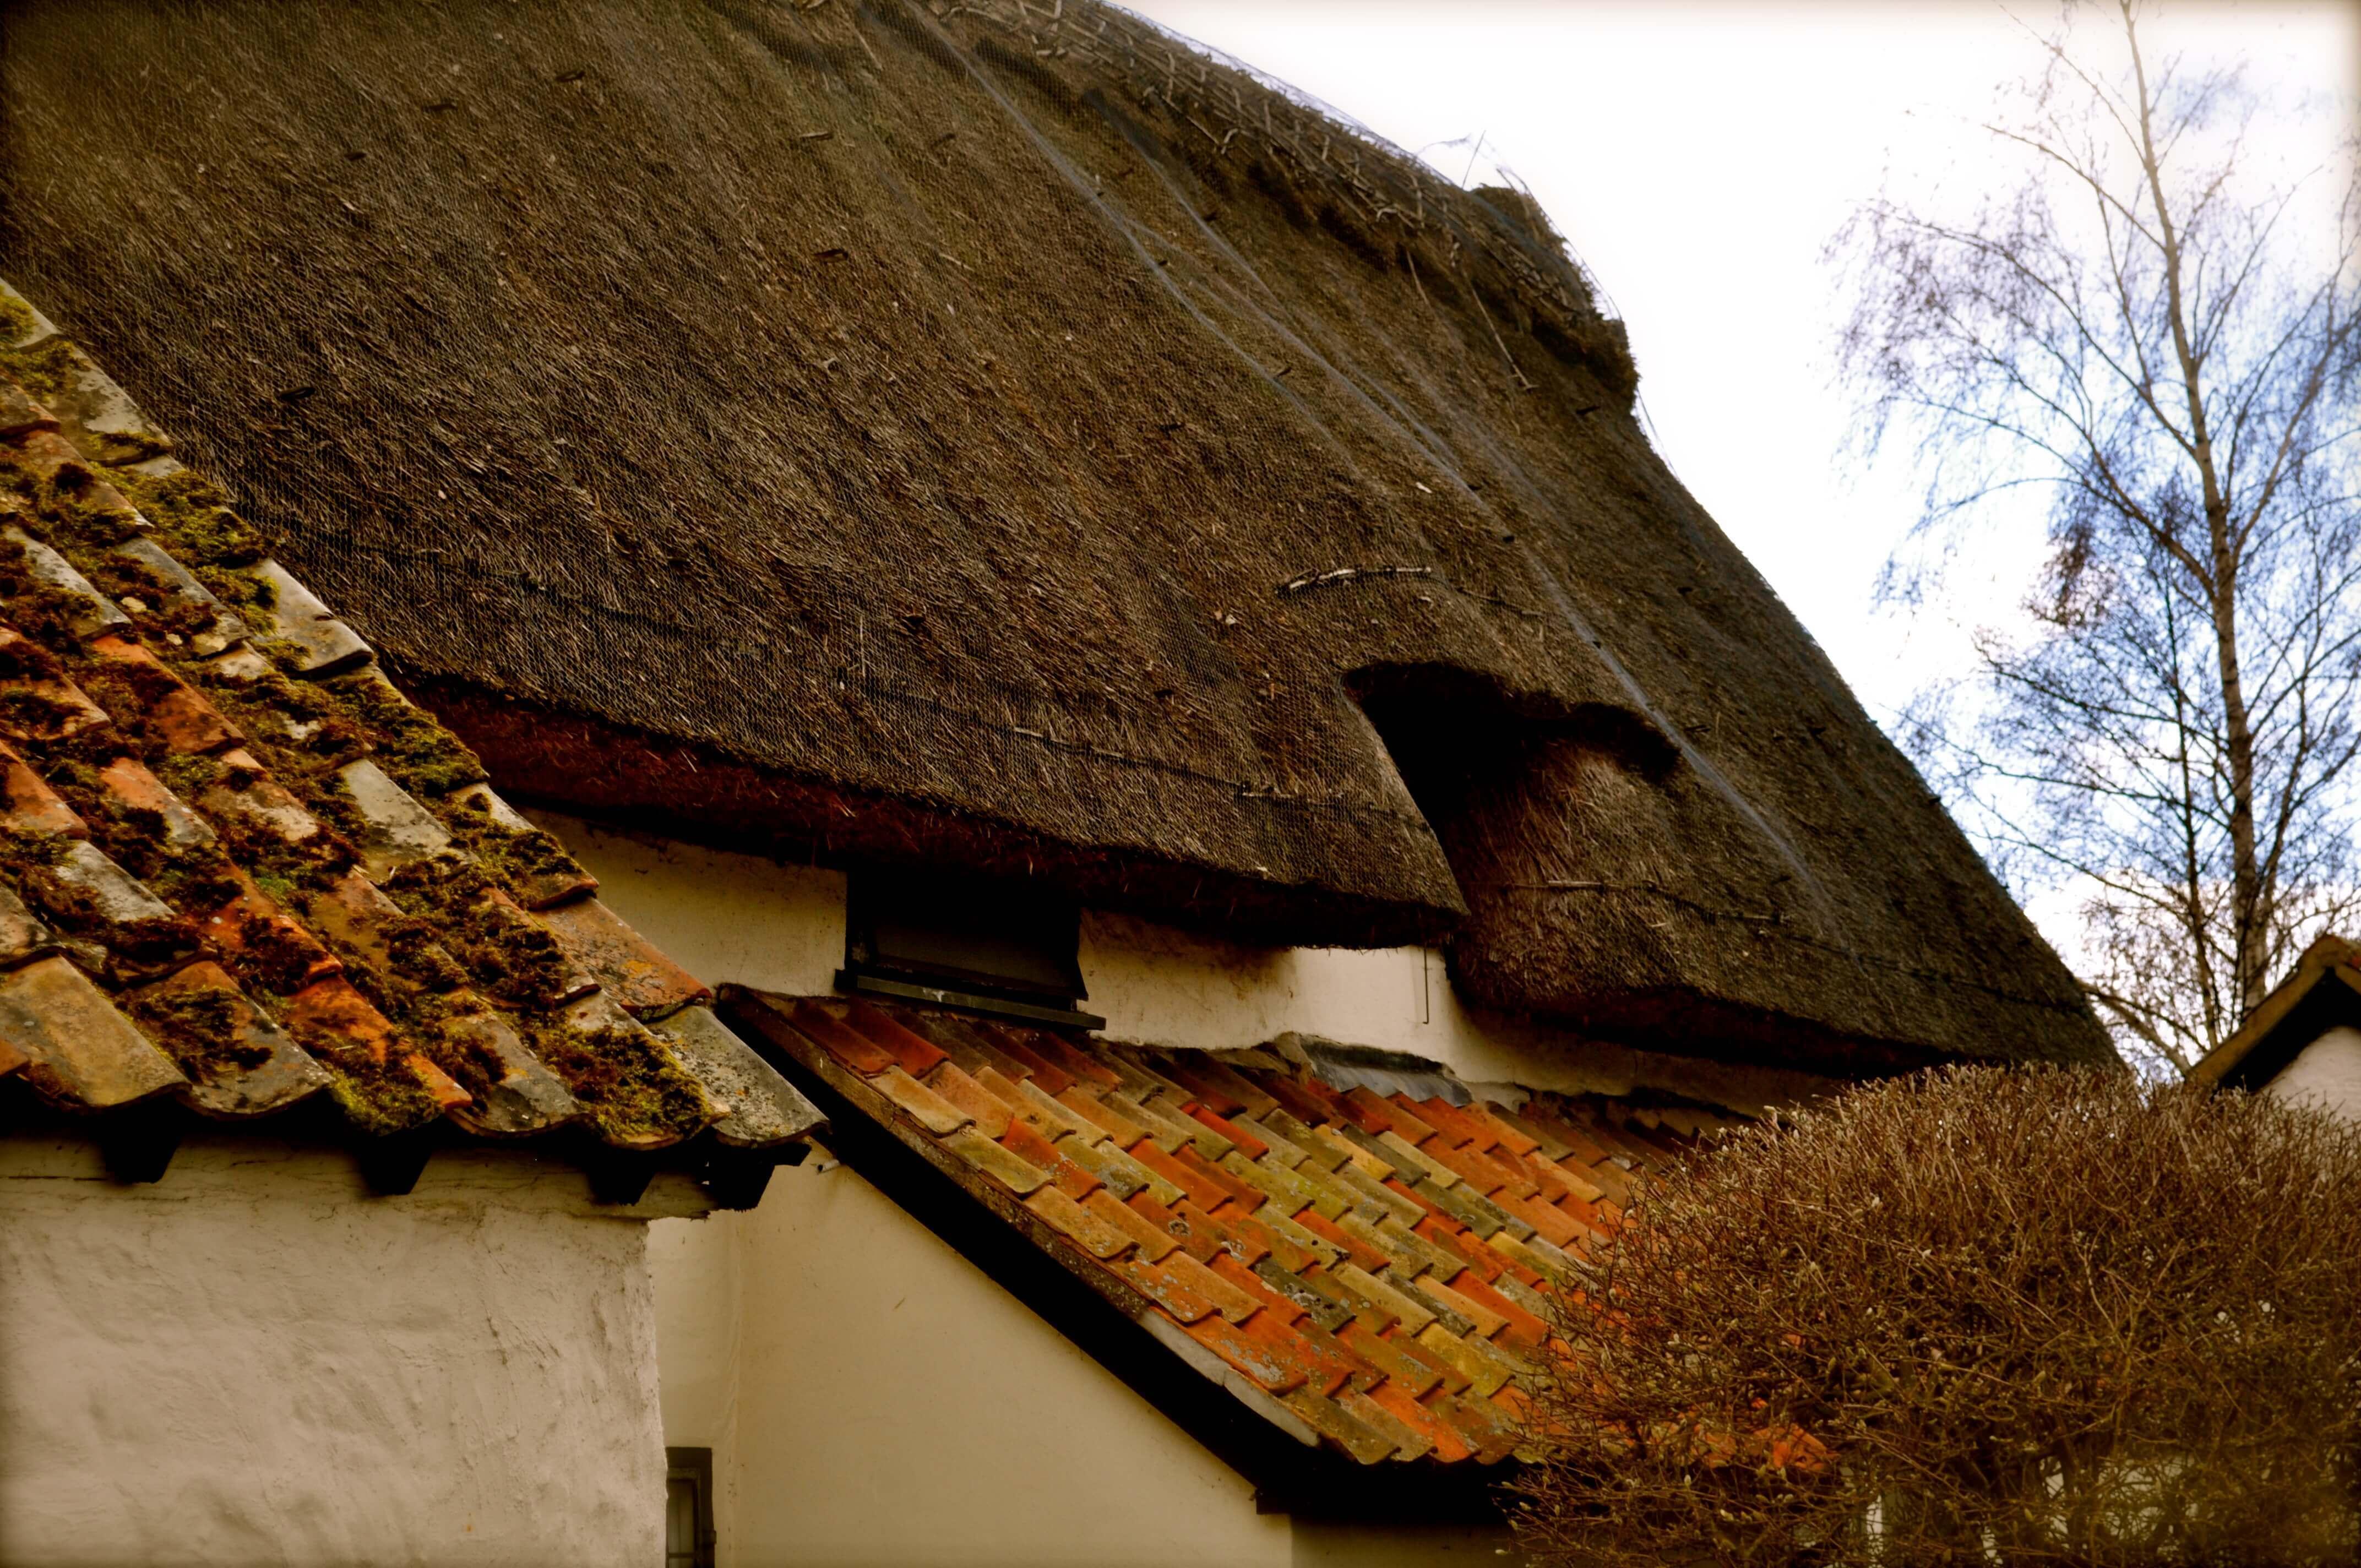 ASHWELL_village_GarytrotmanPhotoZ_00144